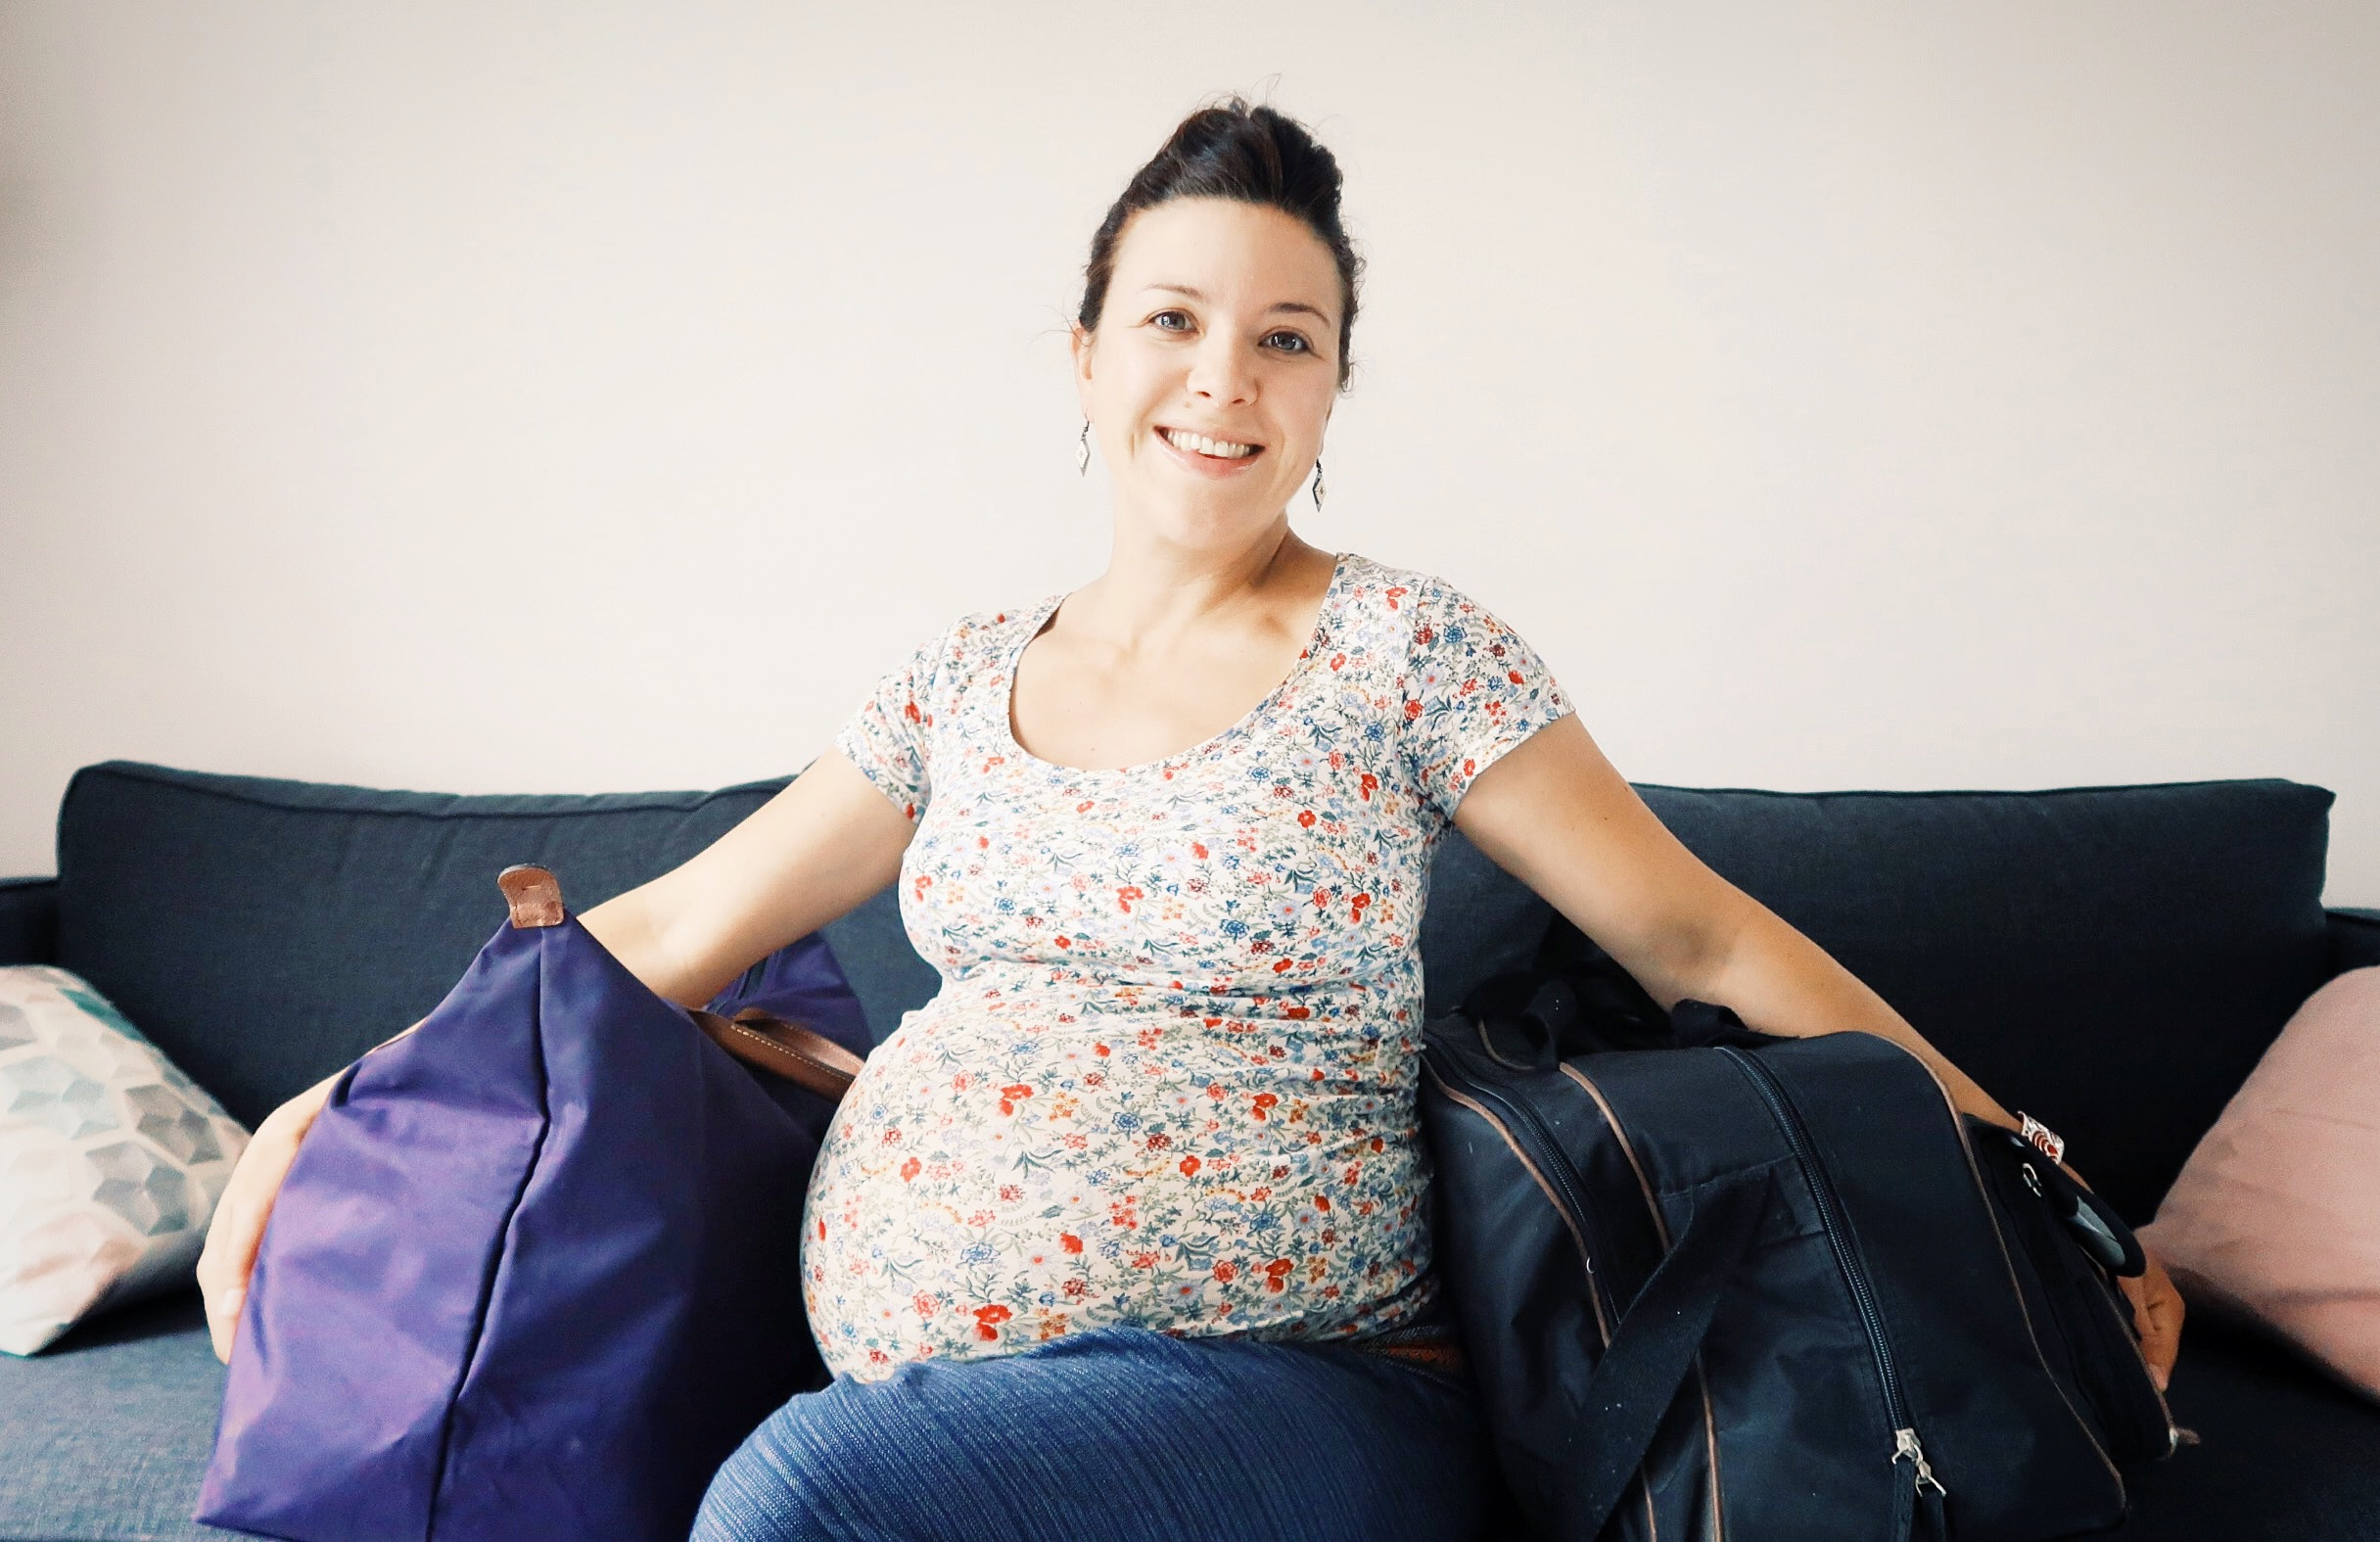 Valise maternité : La liste de mes essentiels pour un séjour serein !